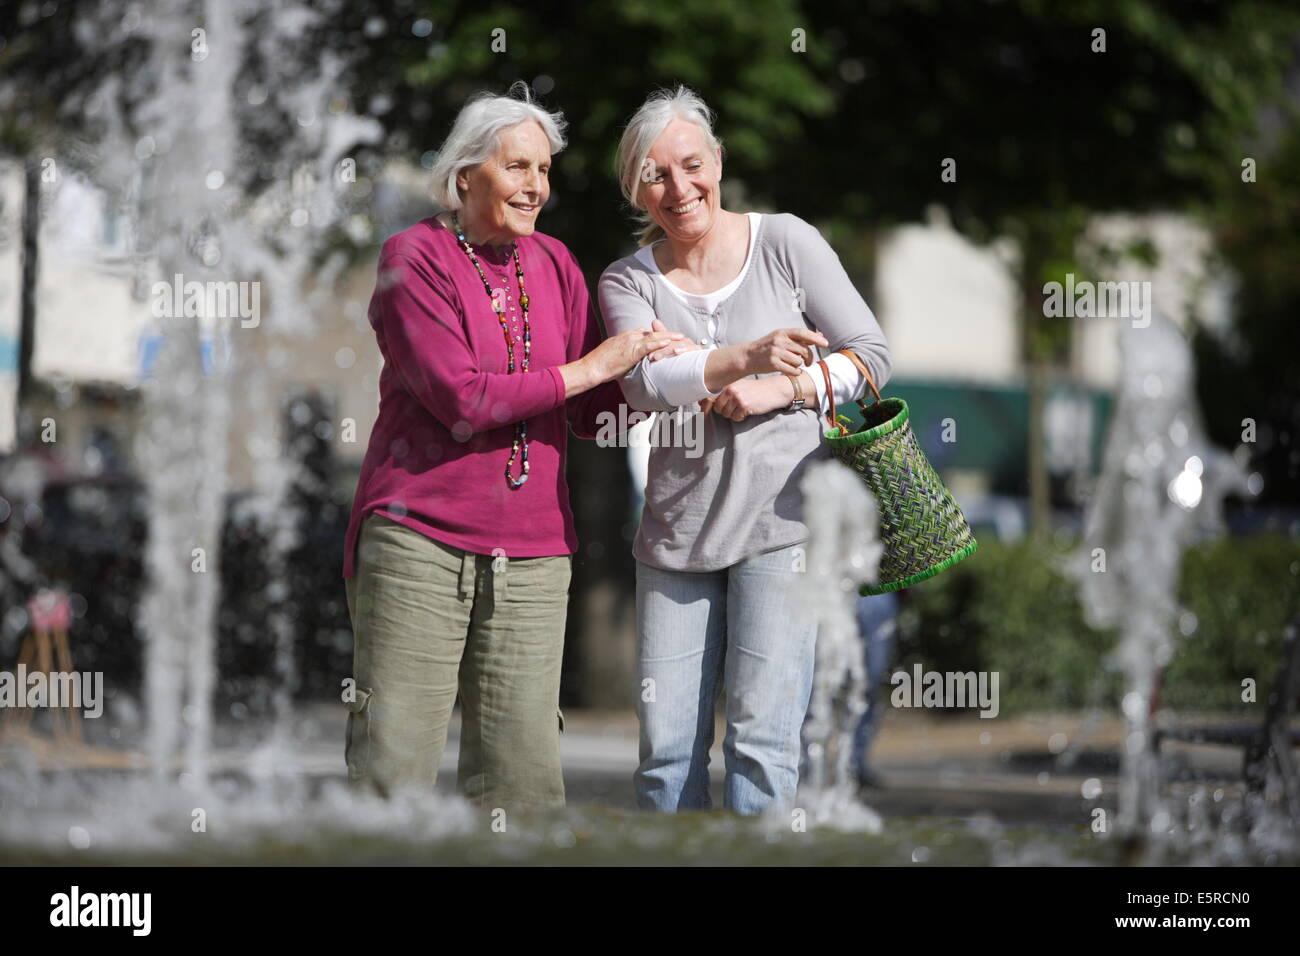 Wie sieht eine 80 Jahre alte Frau aus?